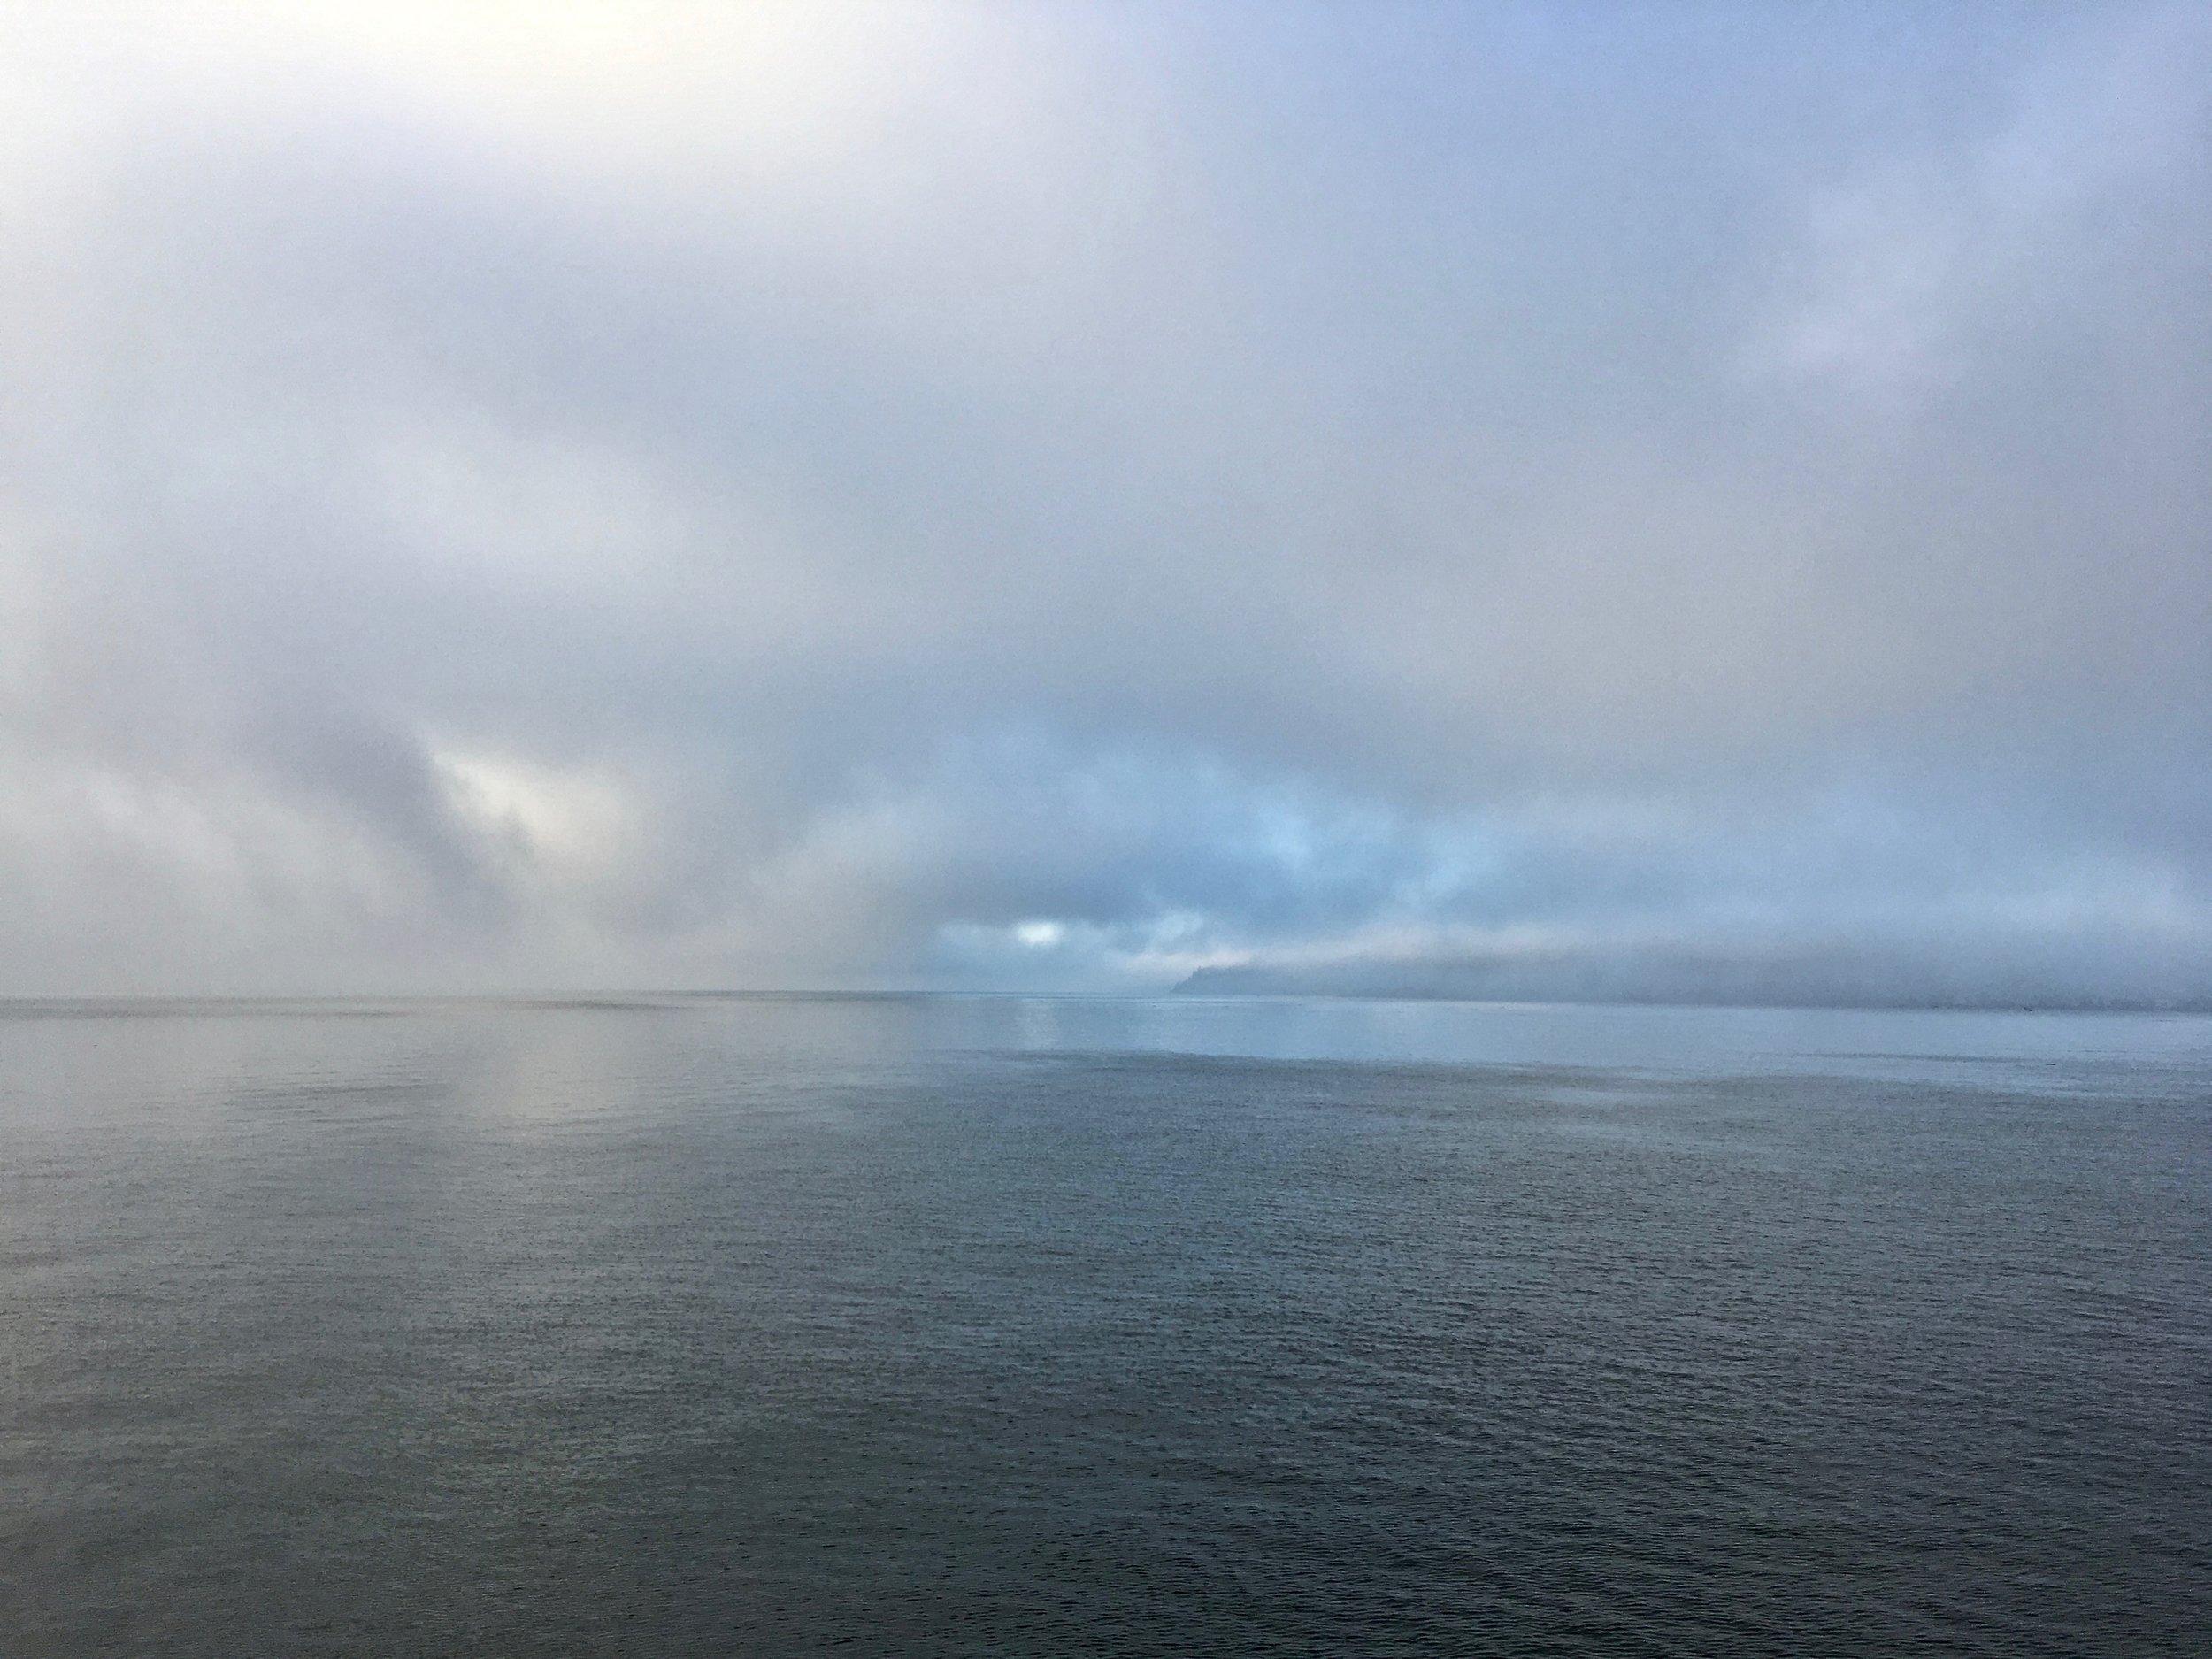 The Salish Sea in Winter - January 2019